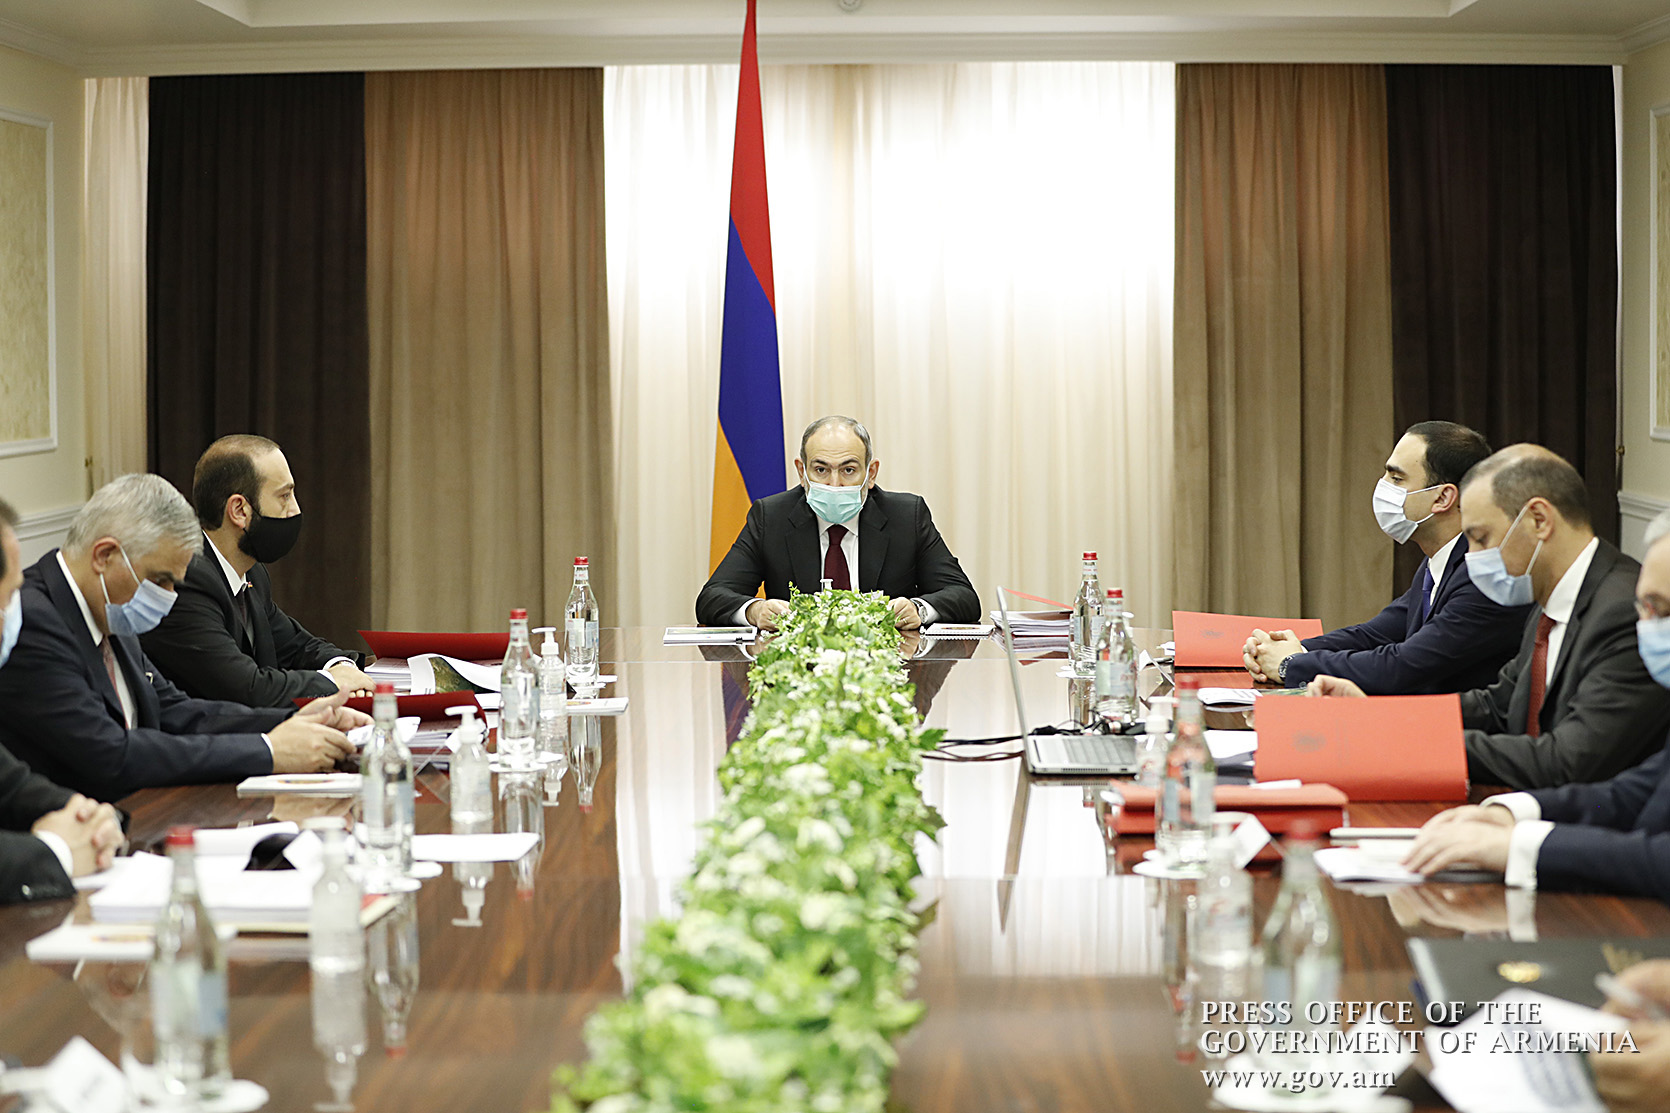 Photo of ԱԽ նիստում վարչապետը հանդես է եկել Ազգային անվտանգության ռազմավարության վերաբերյալ ուղերձով